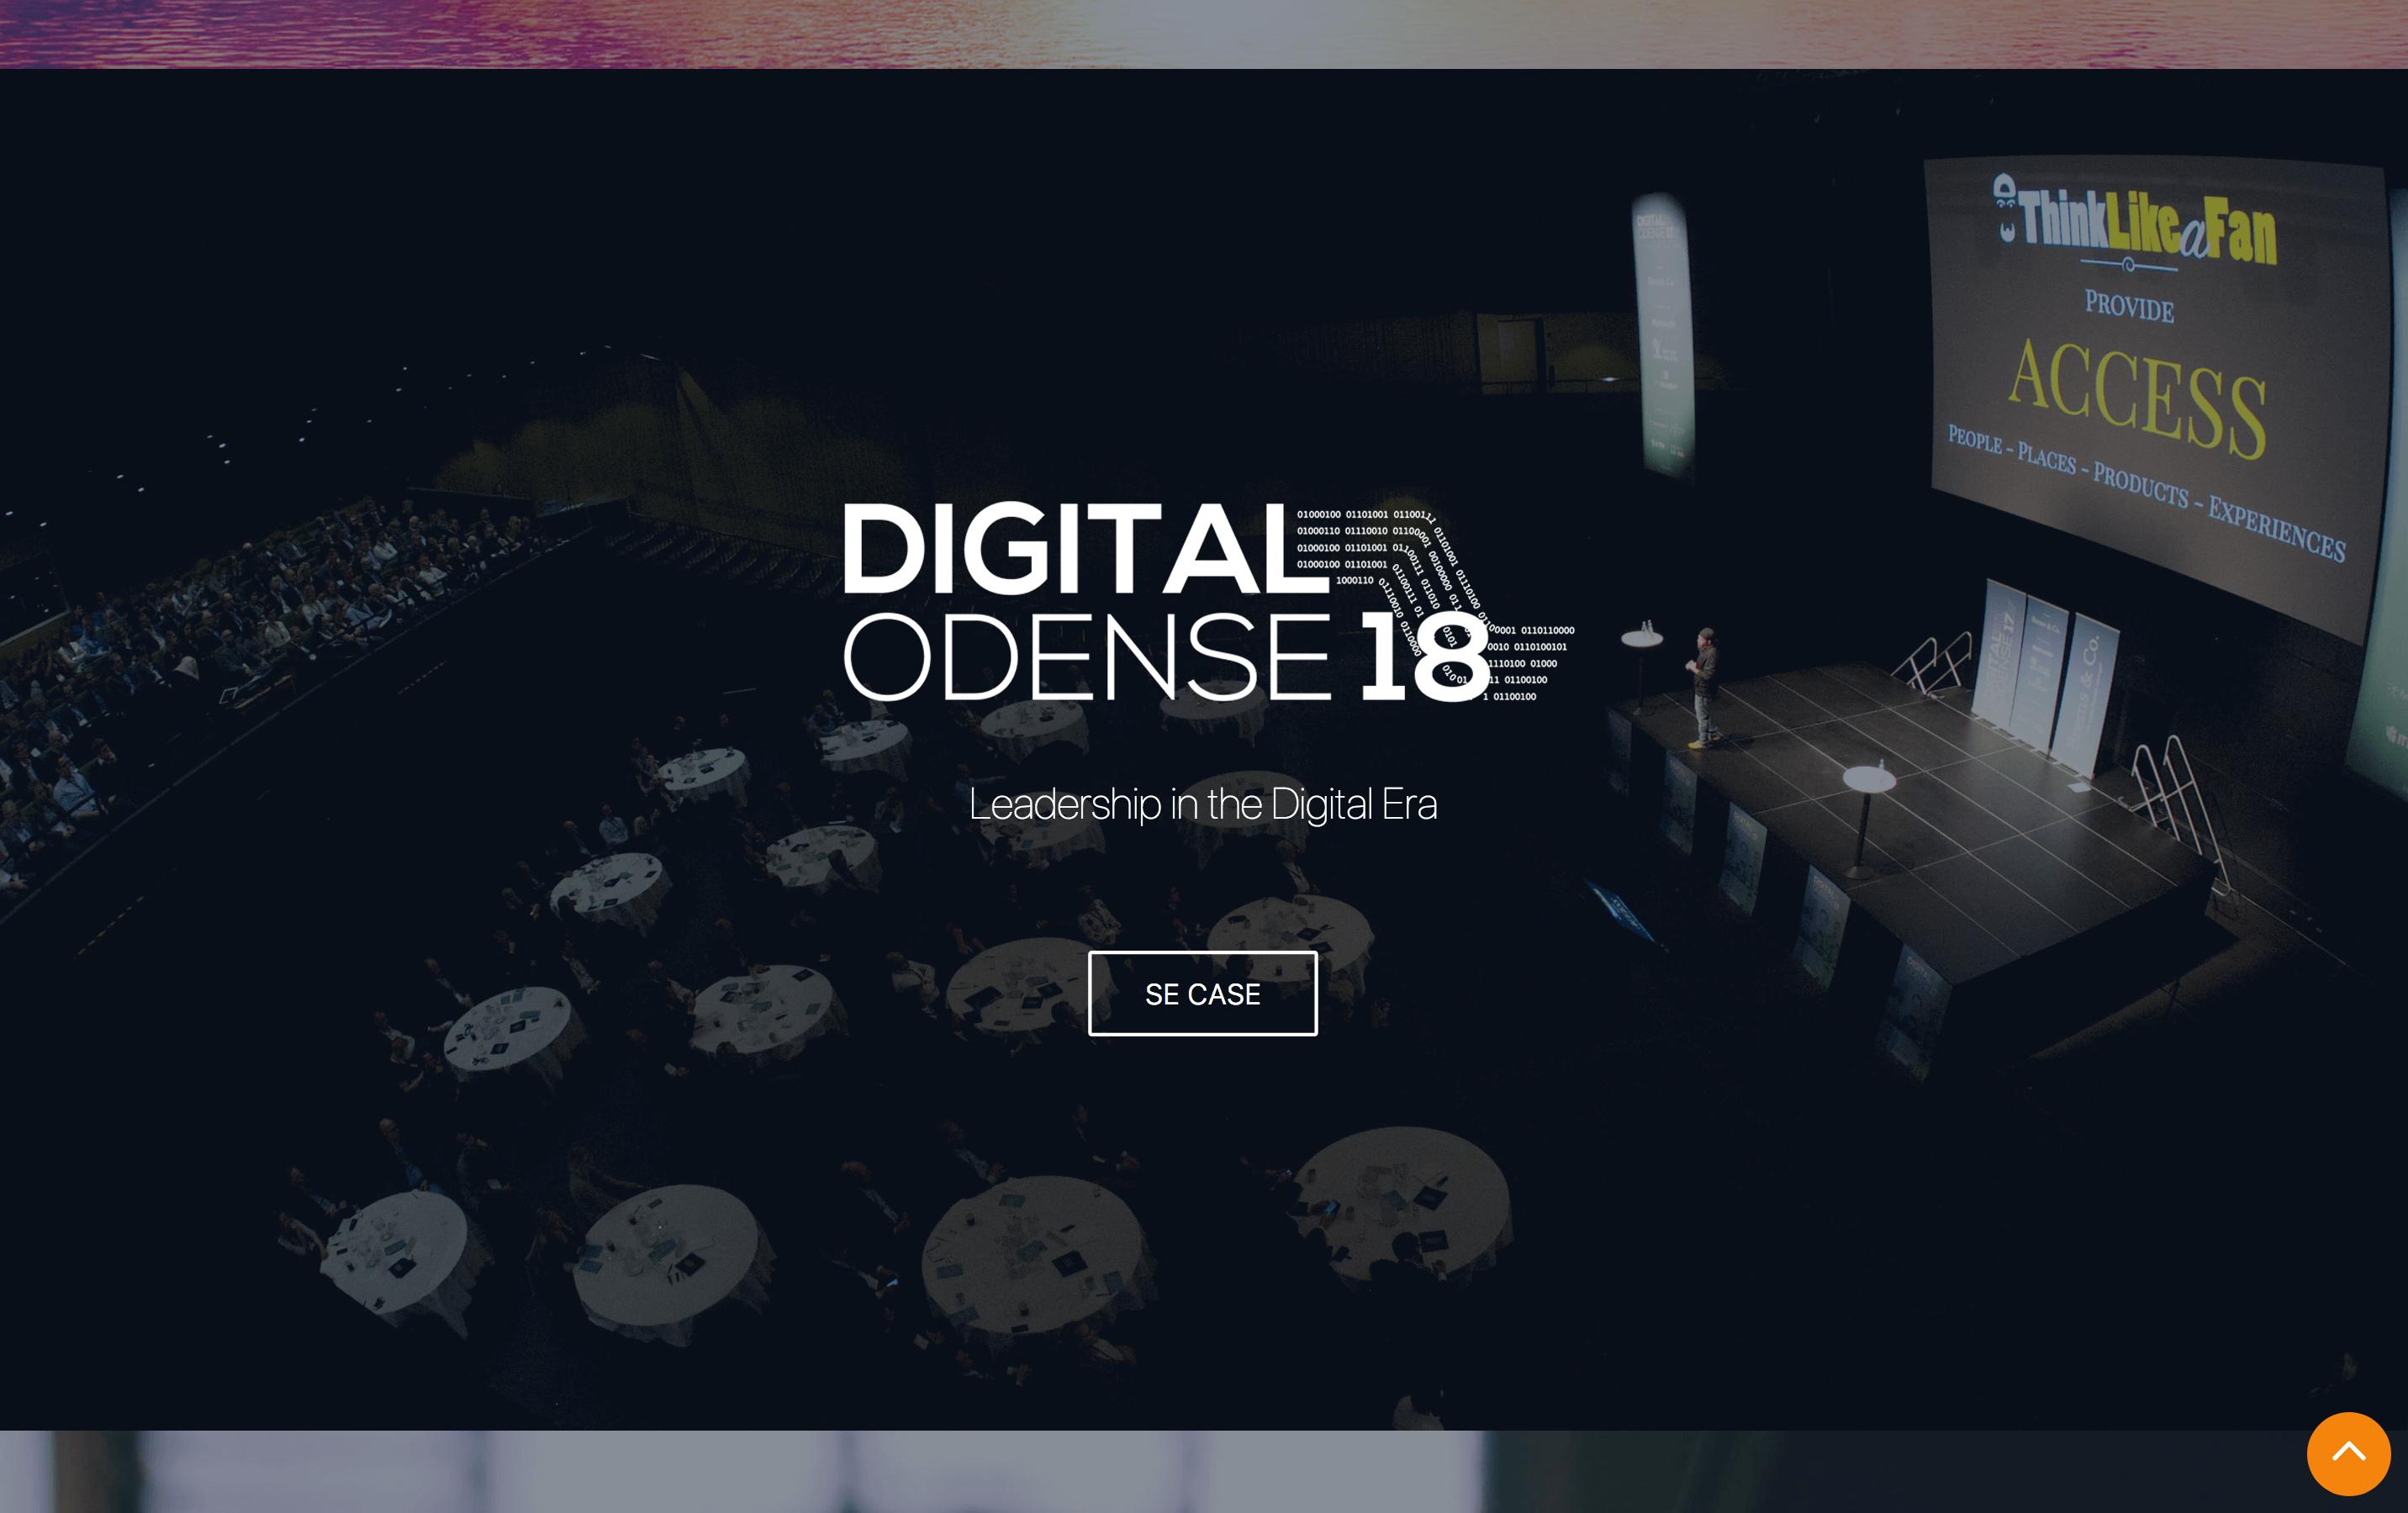 Digital odense